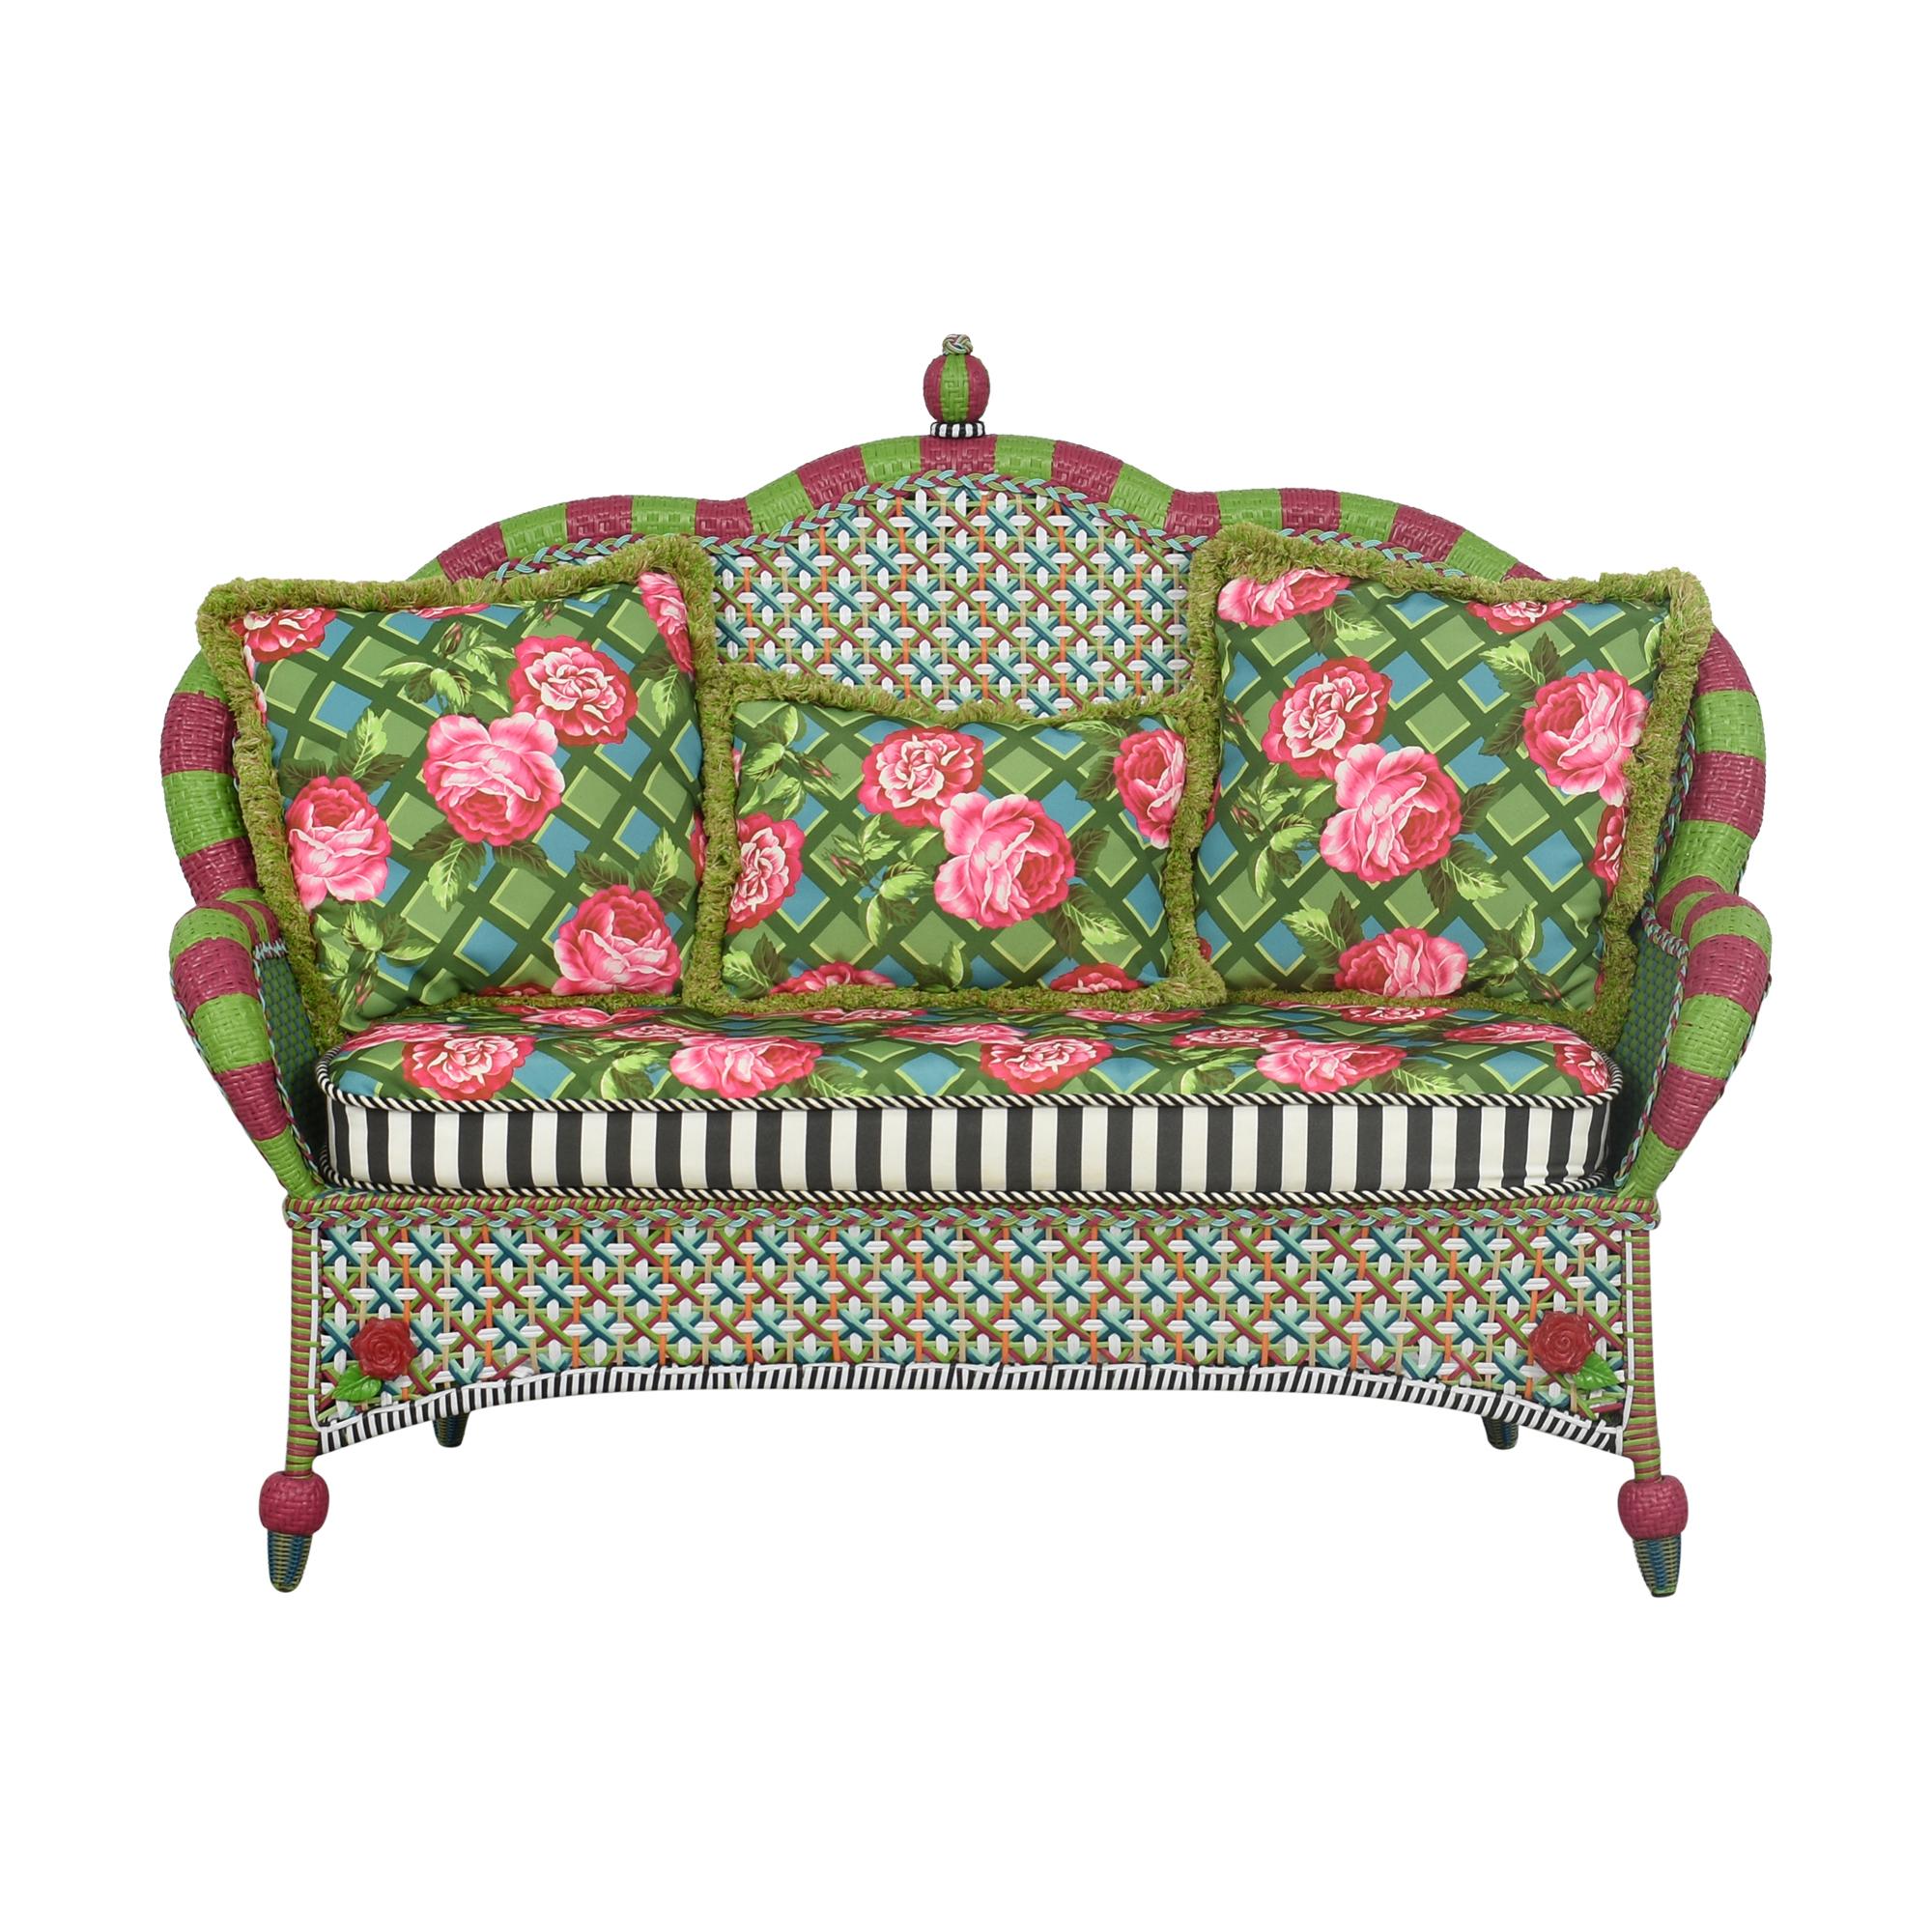 MacKenzie-Childs MacKenzie-Childs Patterned Sofa